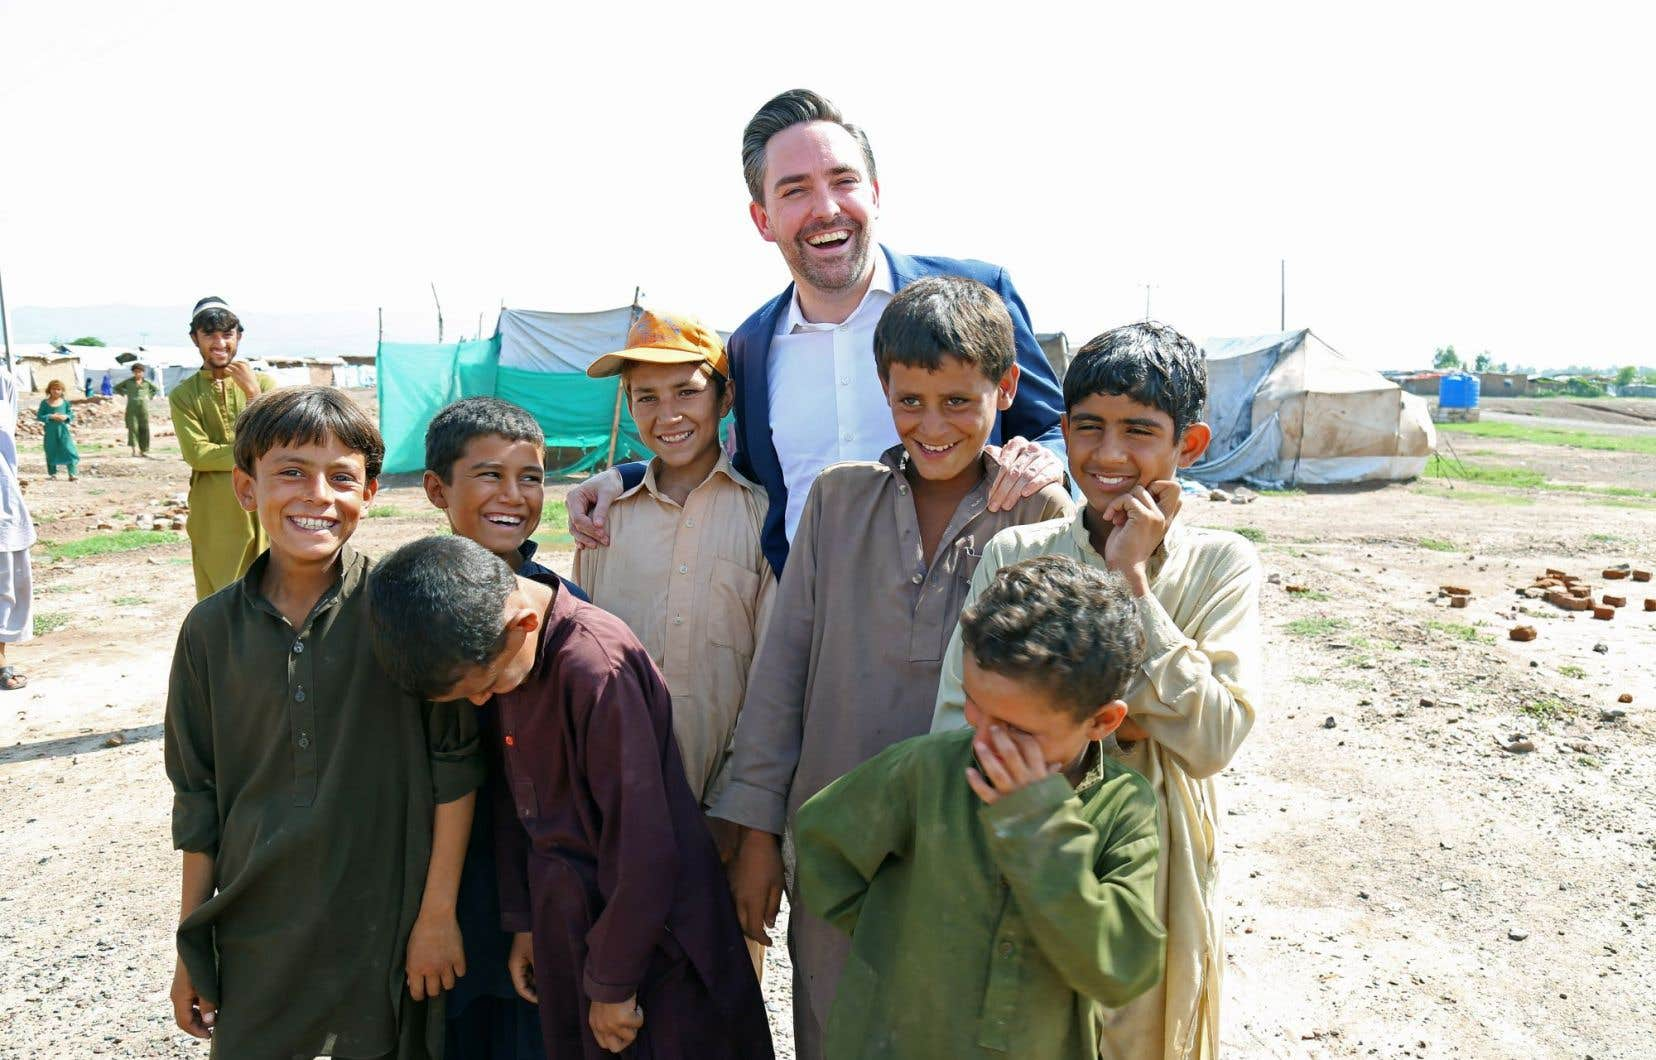 Marc-André Franche, photographié au Pakistan. Il affirme que sa nomination au siège de l'ONU est une «pause» dans son parcours sur le terrain.